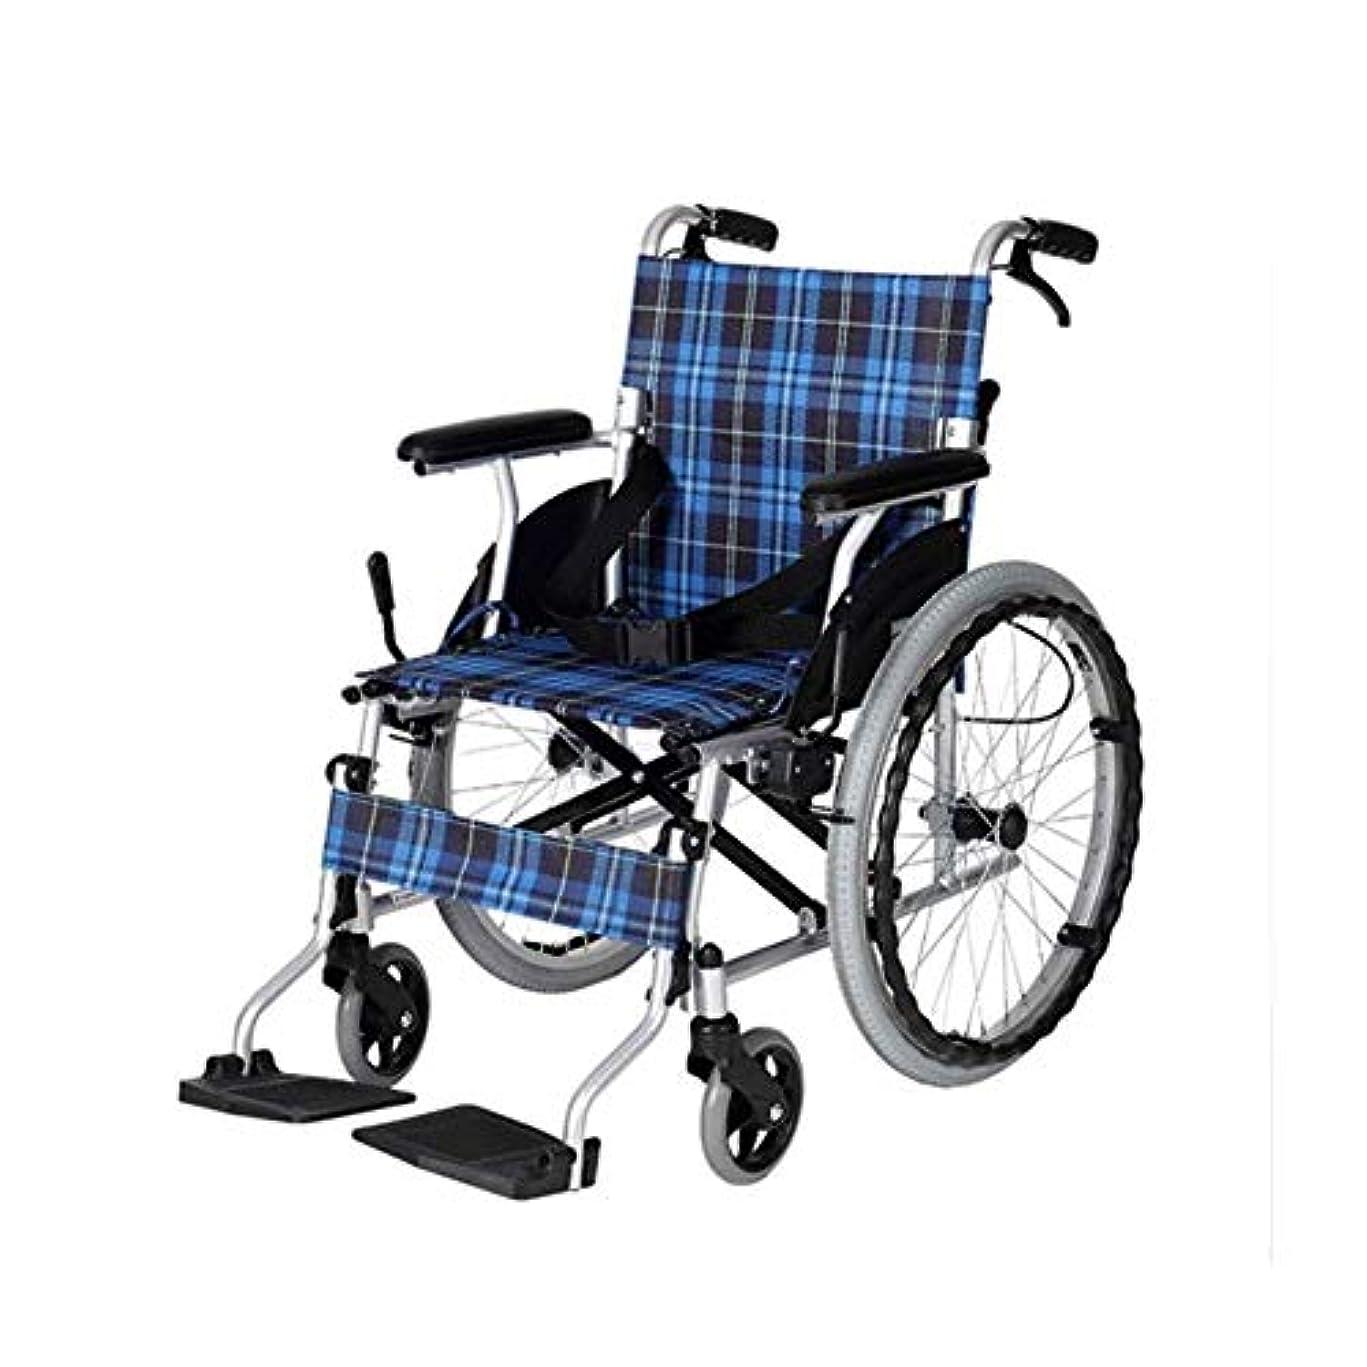 クラウンリズミカルなセンブランスデラックス自走式アルミニウム車椅子、軽量で折り畳み可能なフレームのビッグホイール、ハンドプッシュリング、フロントおよびリアブレーキコントロールチェア付き